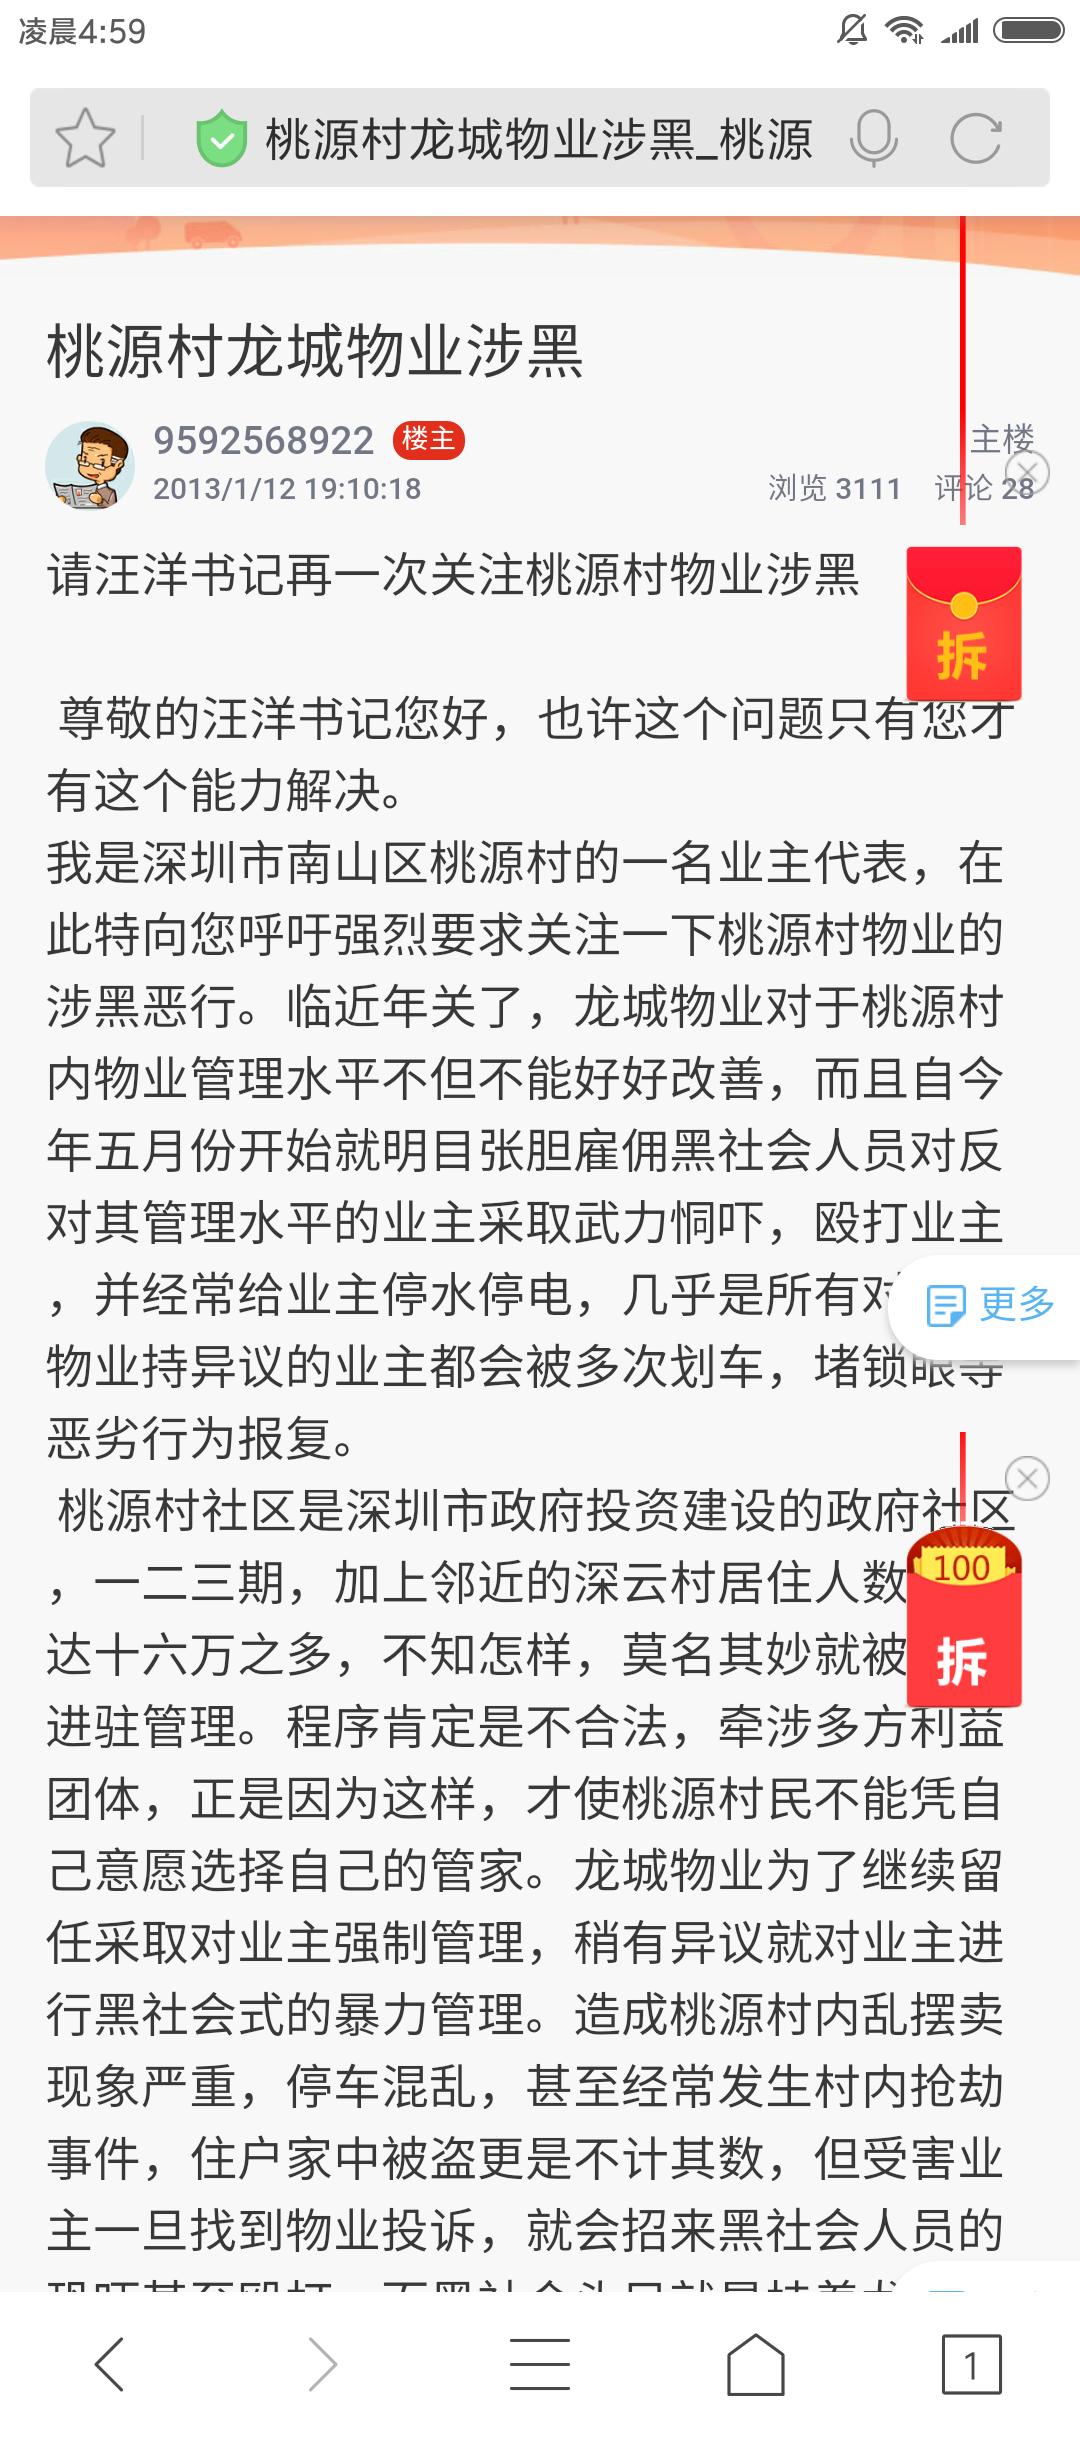 Screenshot_2018-07-18-04-59-11-922_com.ijinshan.browser_fast.png